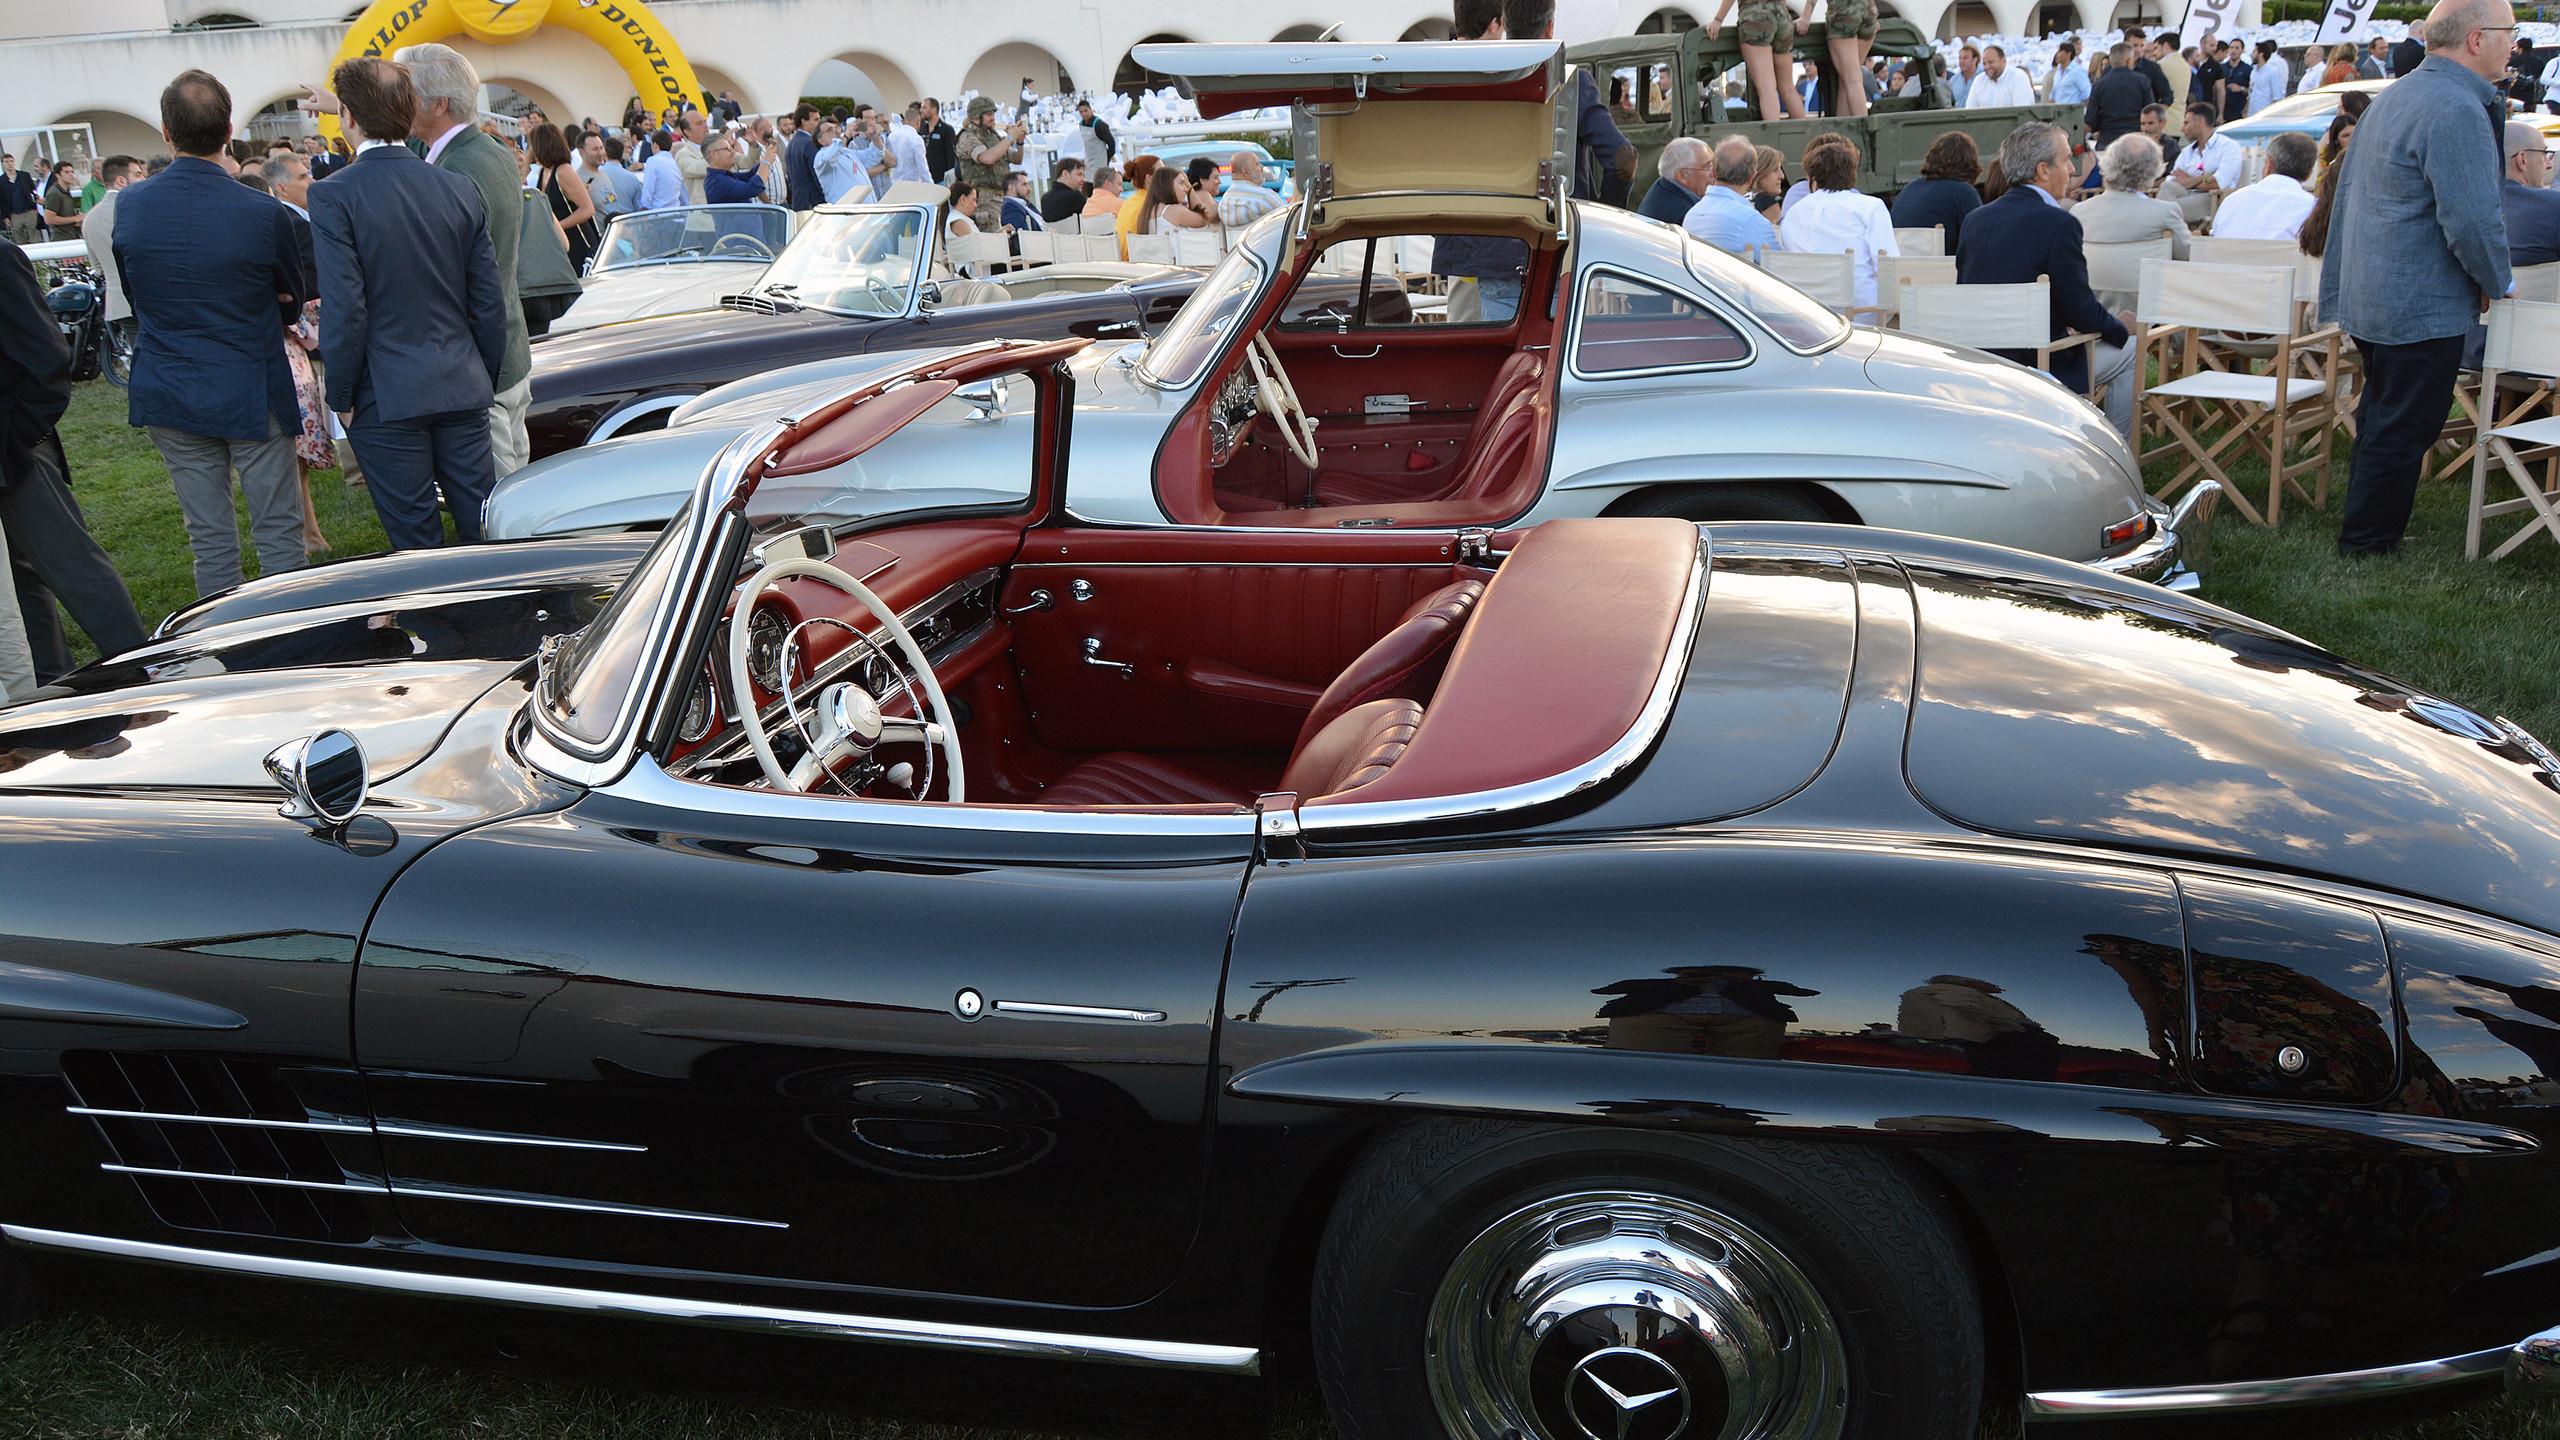 Mercedes ha sido referencia de lujo y exclusividad desde sus inicios. Y más si hablamos de las históricas 'alas de mariposa'.